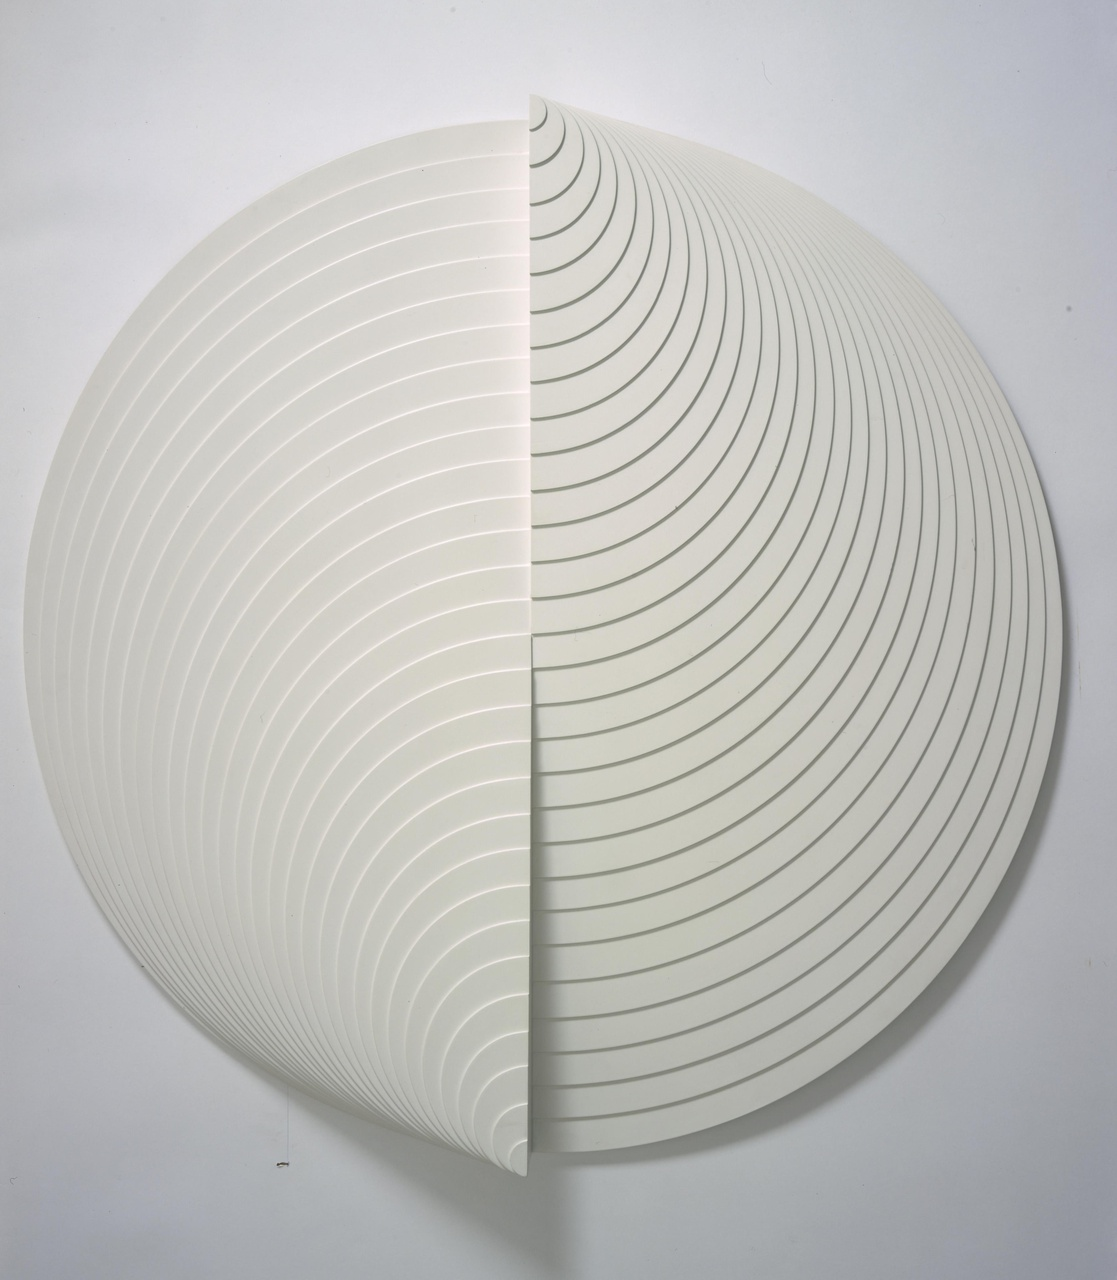 Variatie op cirkels no. III